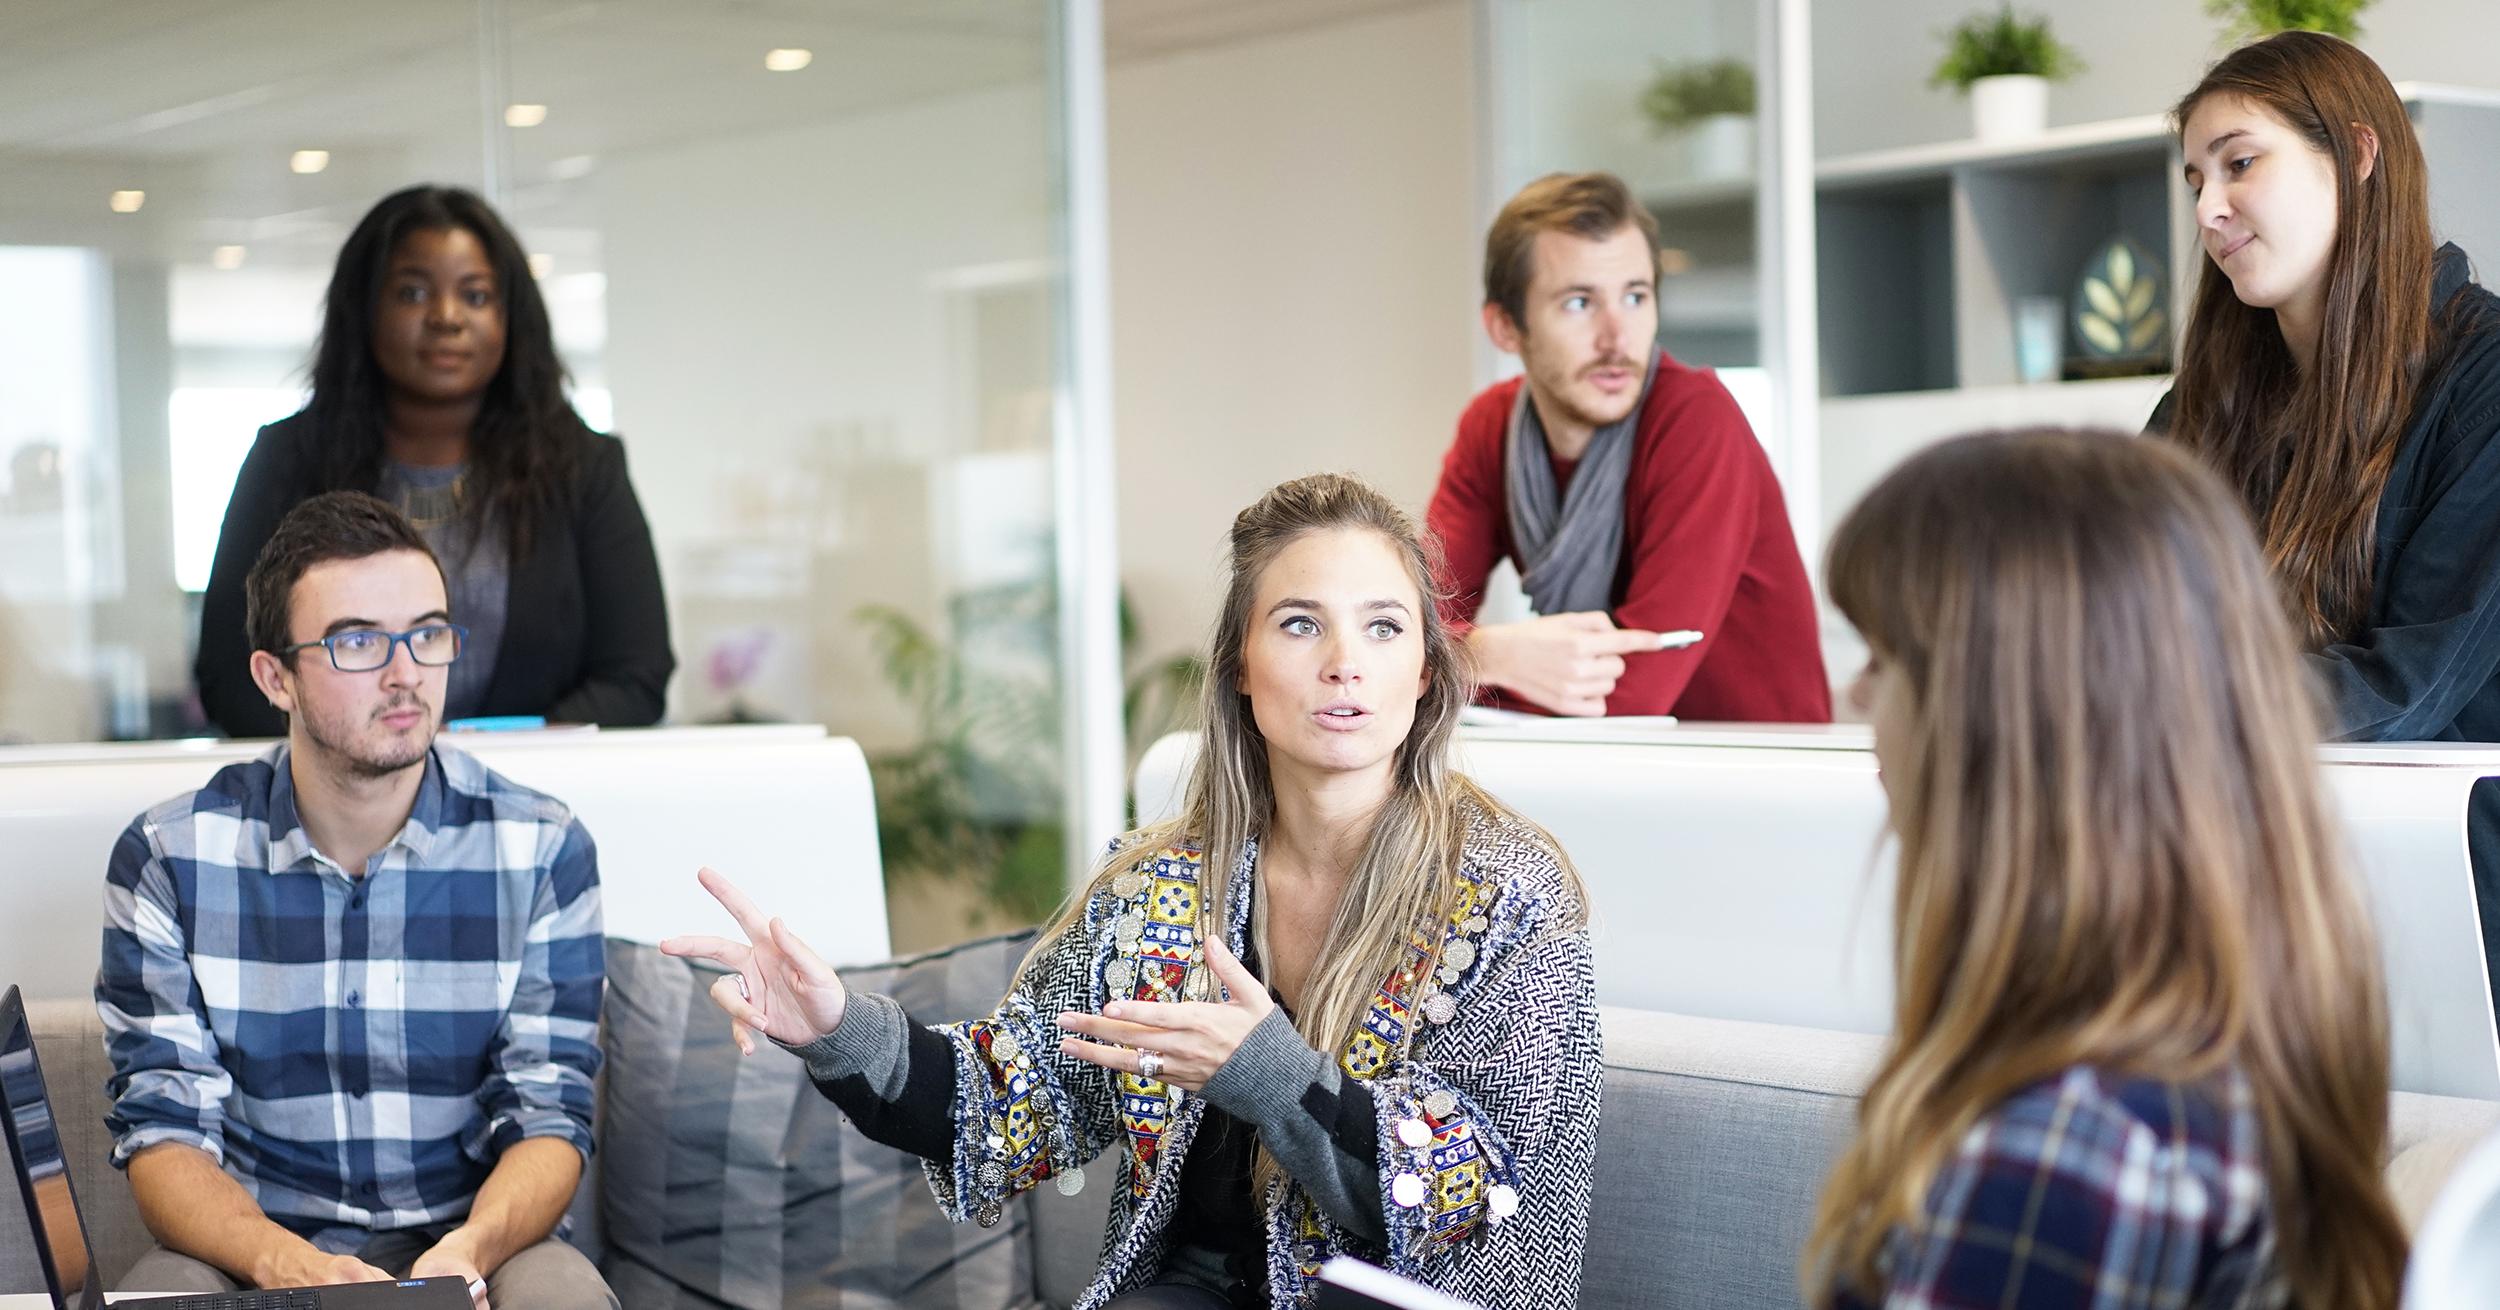 Le Migliori Espressioni Per Comunicare Efficacemente Con i Colleghi In Inglese